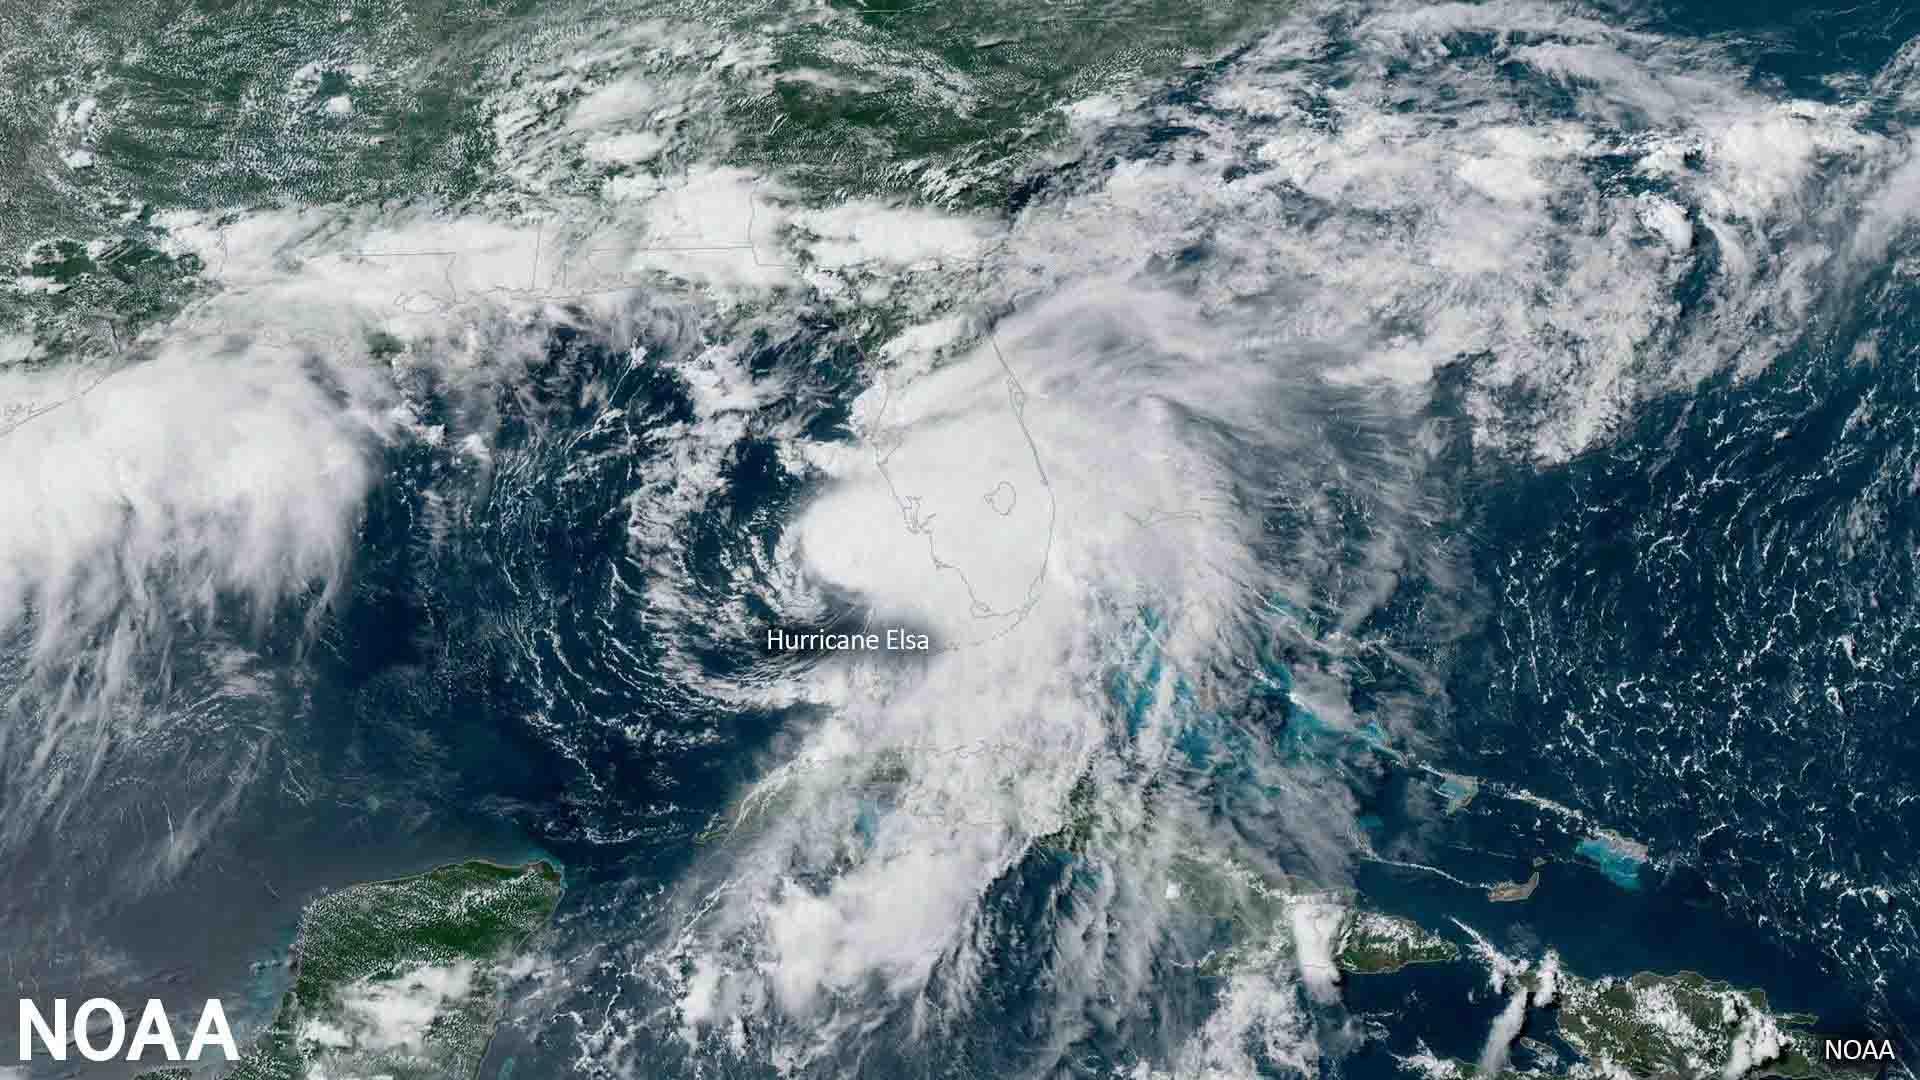 NOAA ajusta pronóstico: temporada de huracanes en el Atlántico será más agitada